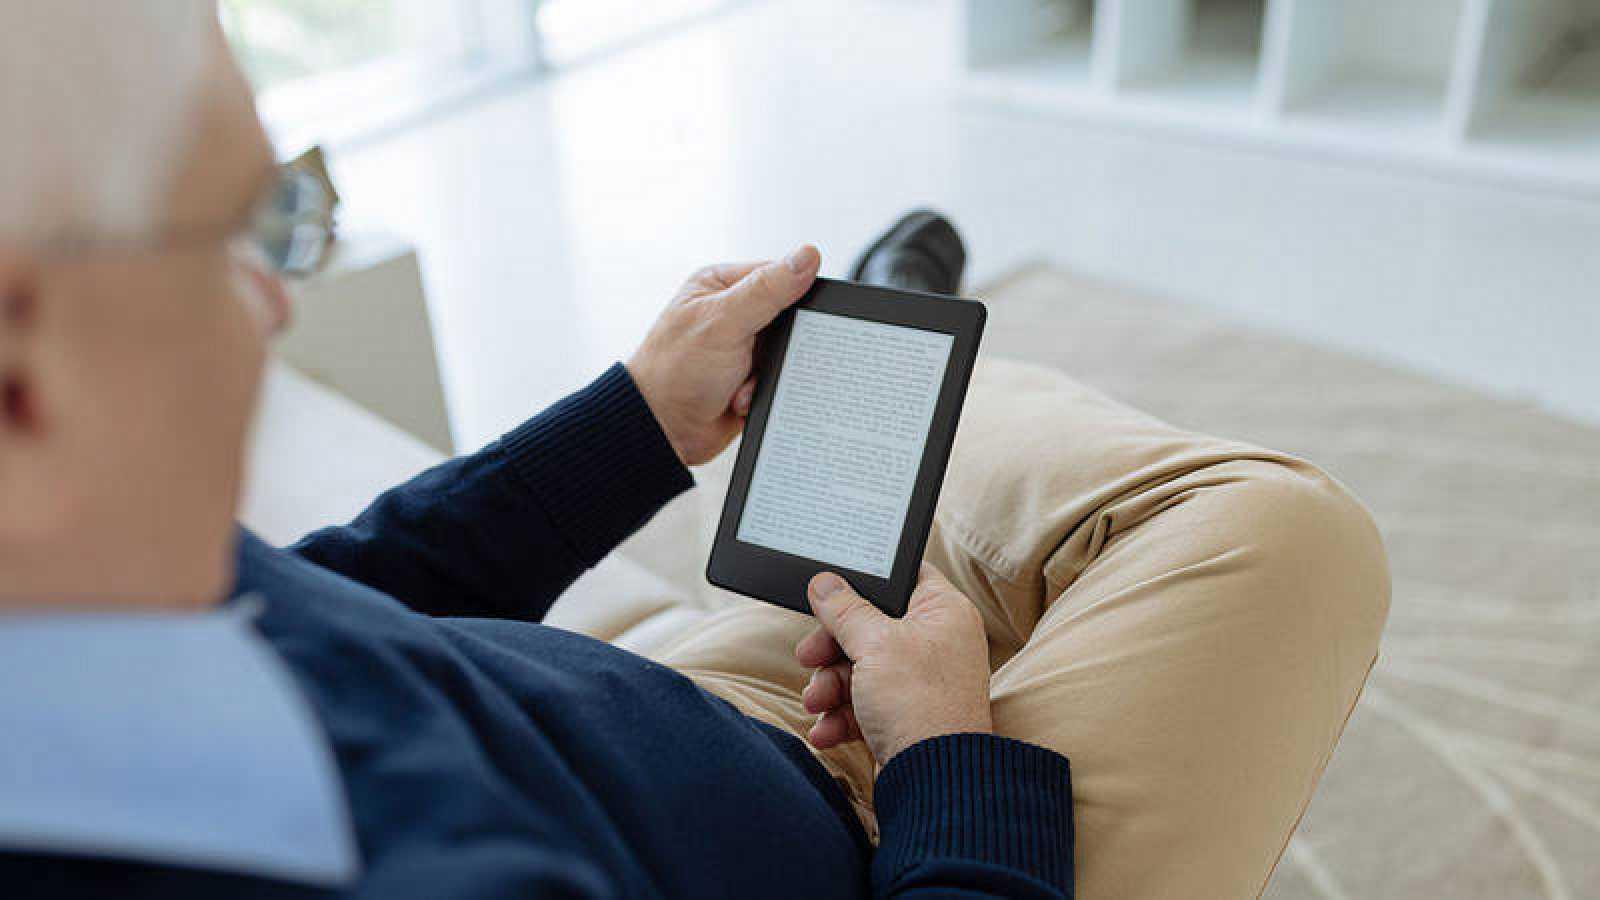 La UE da luz verde a aplicar el IVA reducido a los libros electrónicos